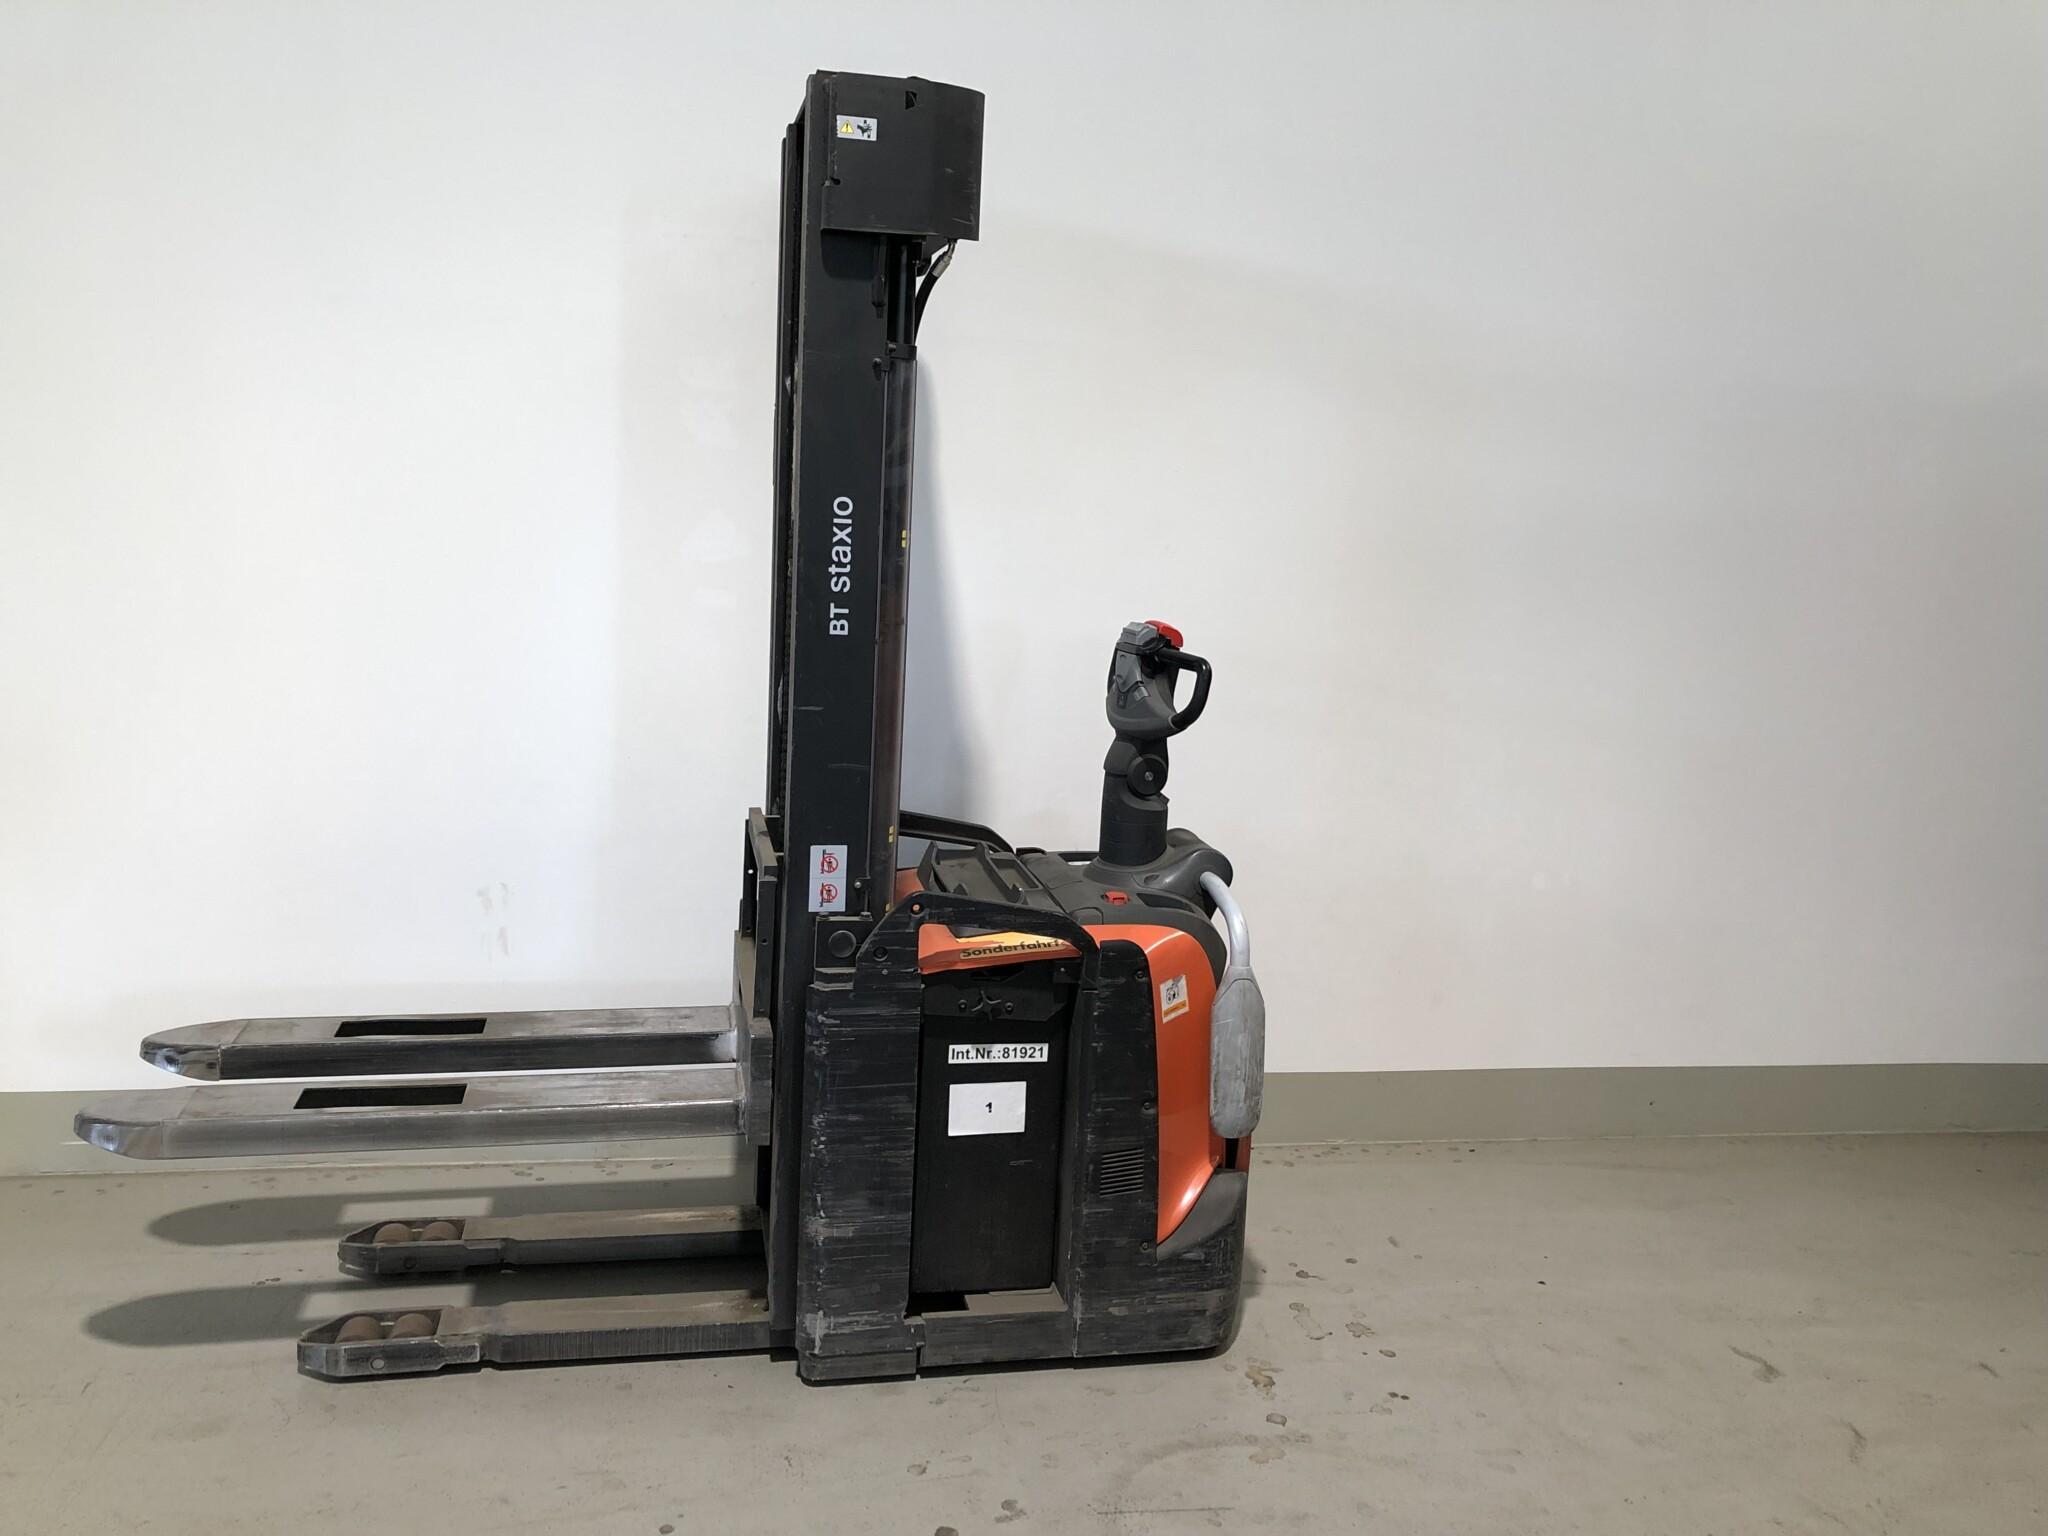 Toyota-Gabelstapler-59840 1705021857 1 scaled